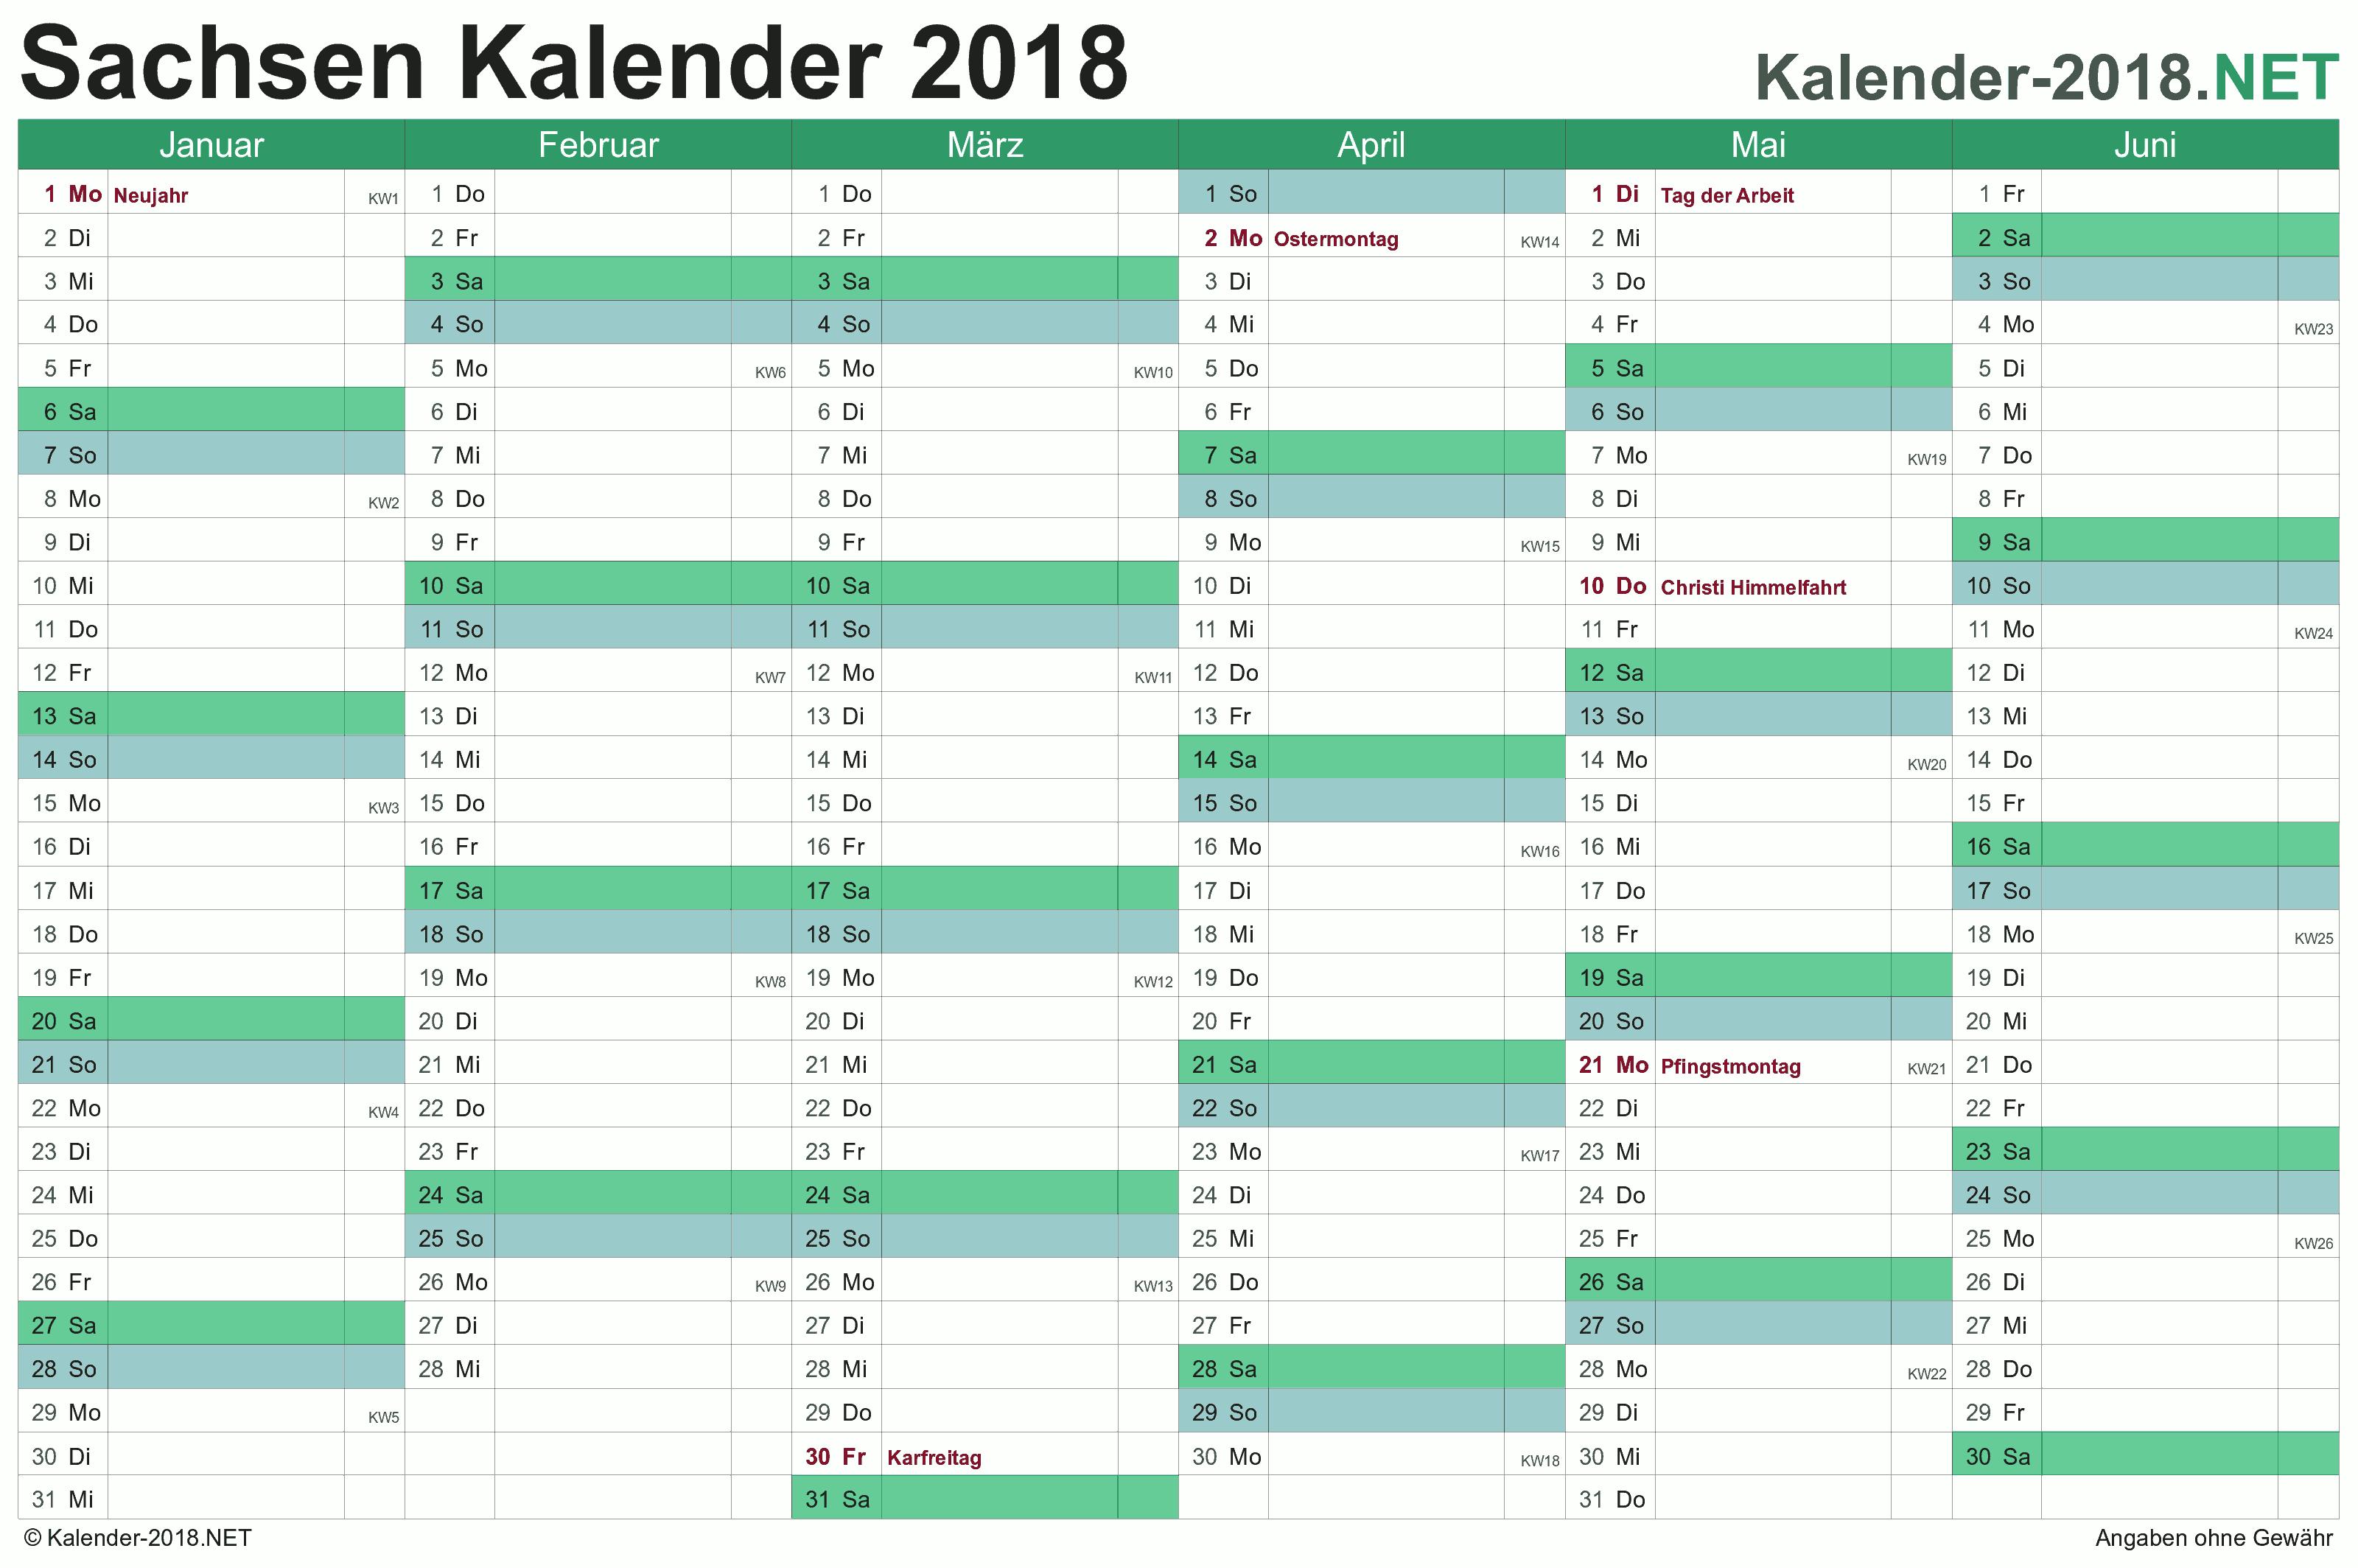 sachsen-kalender-2018-2s.png